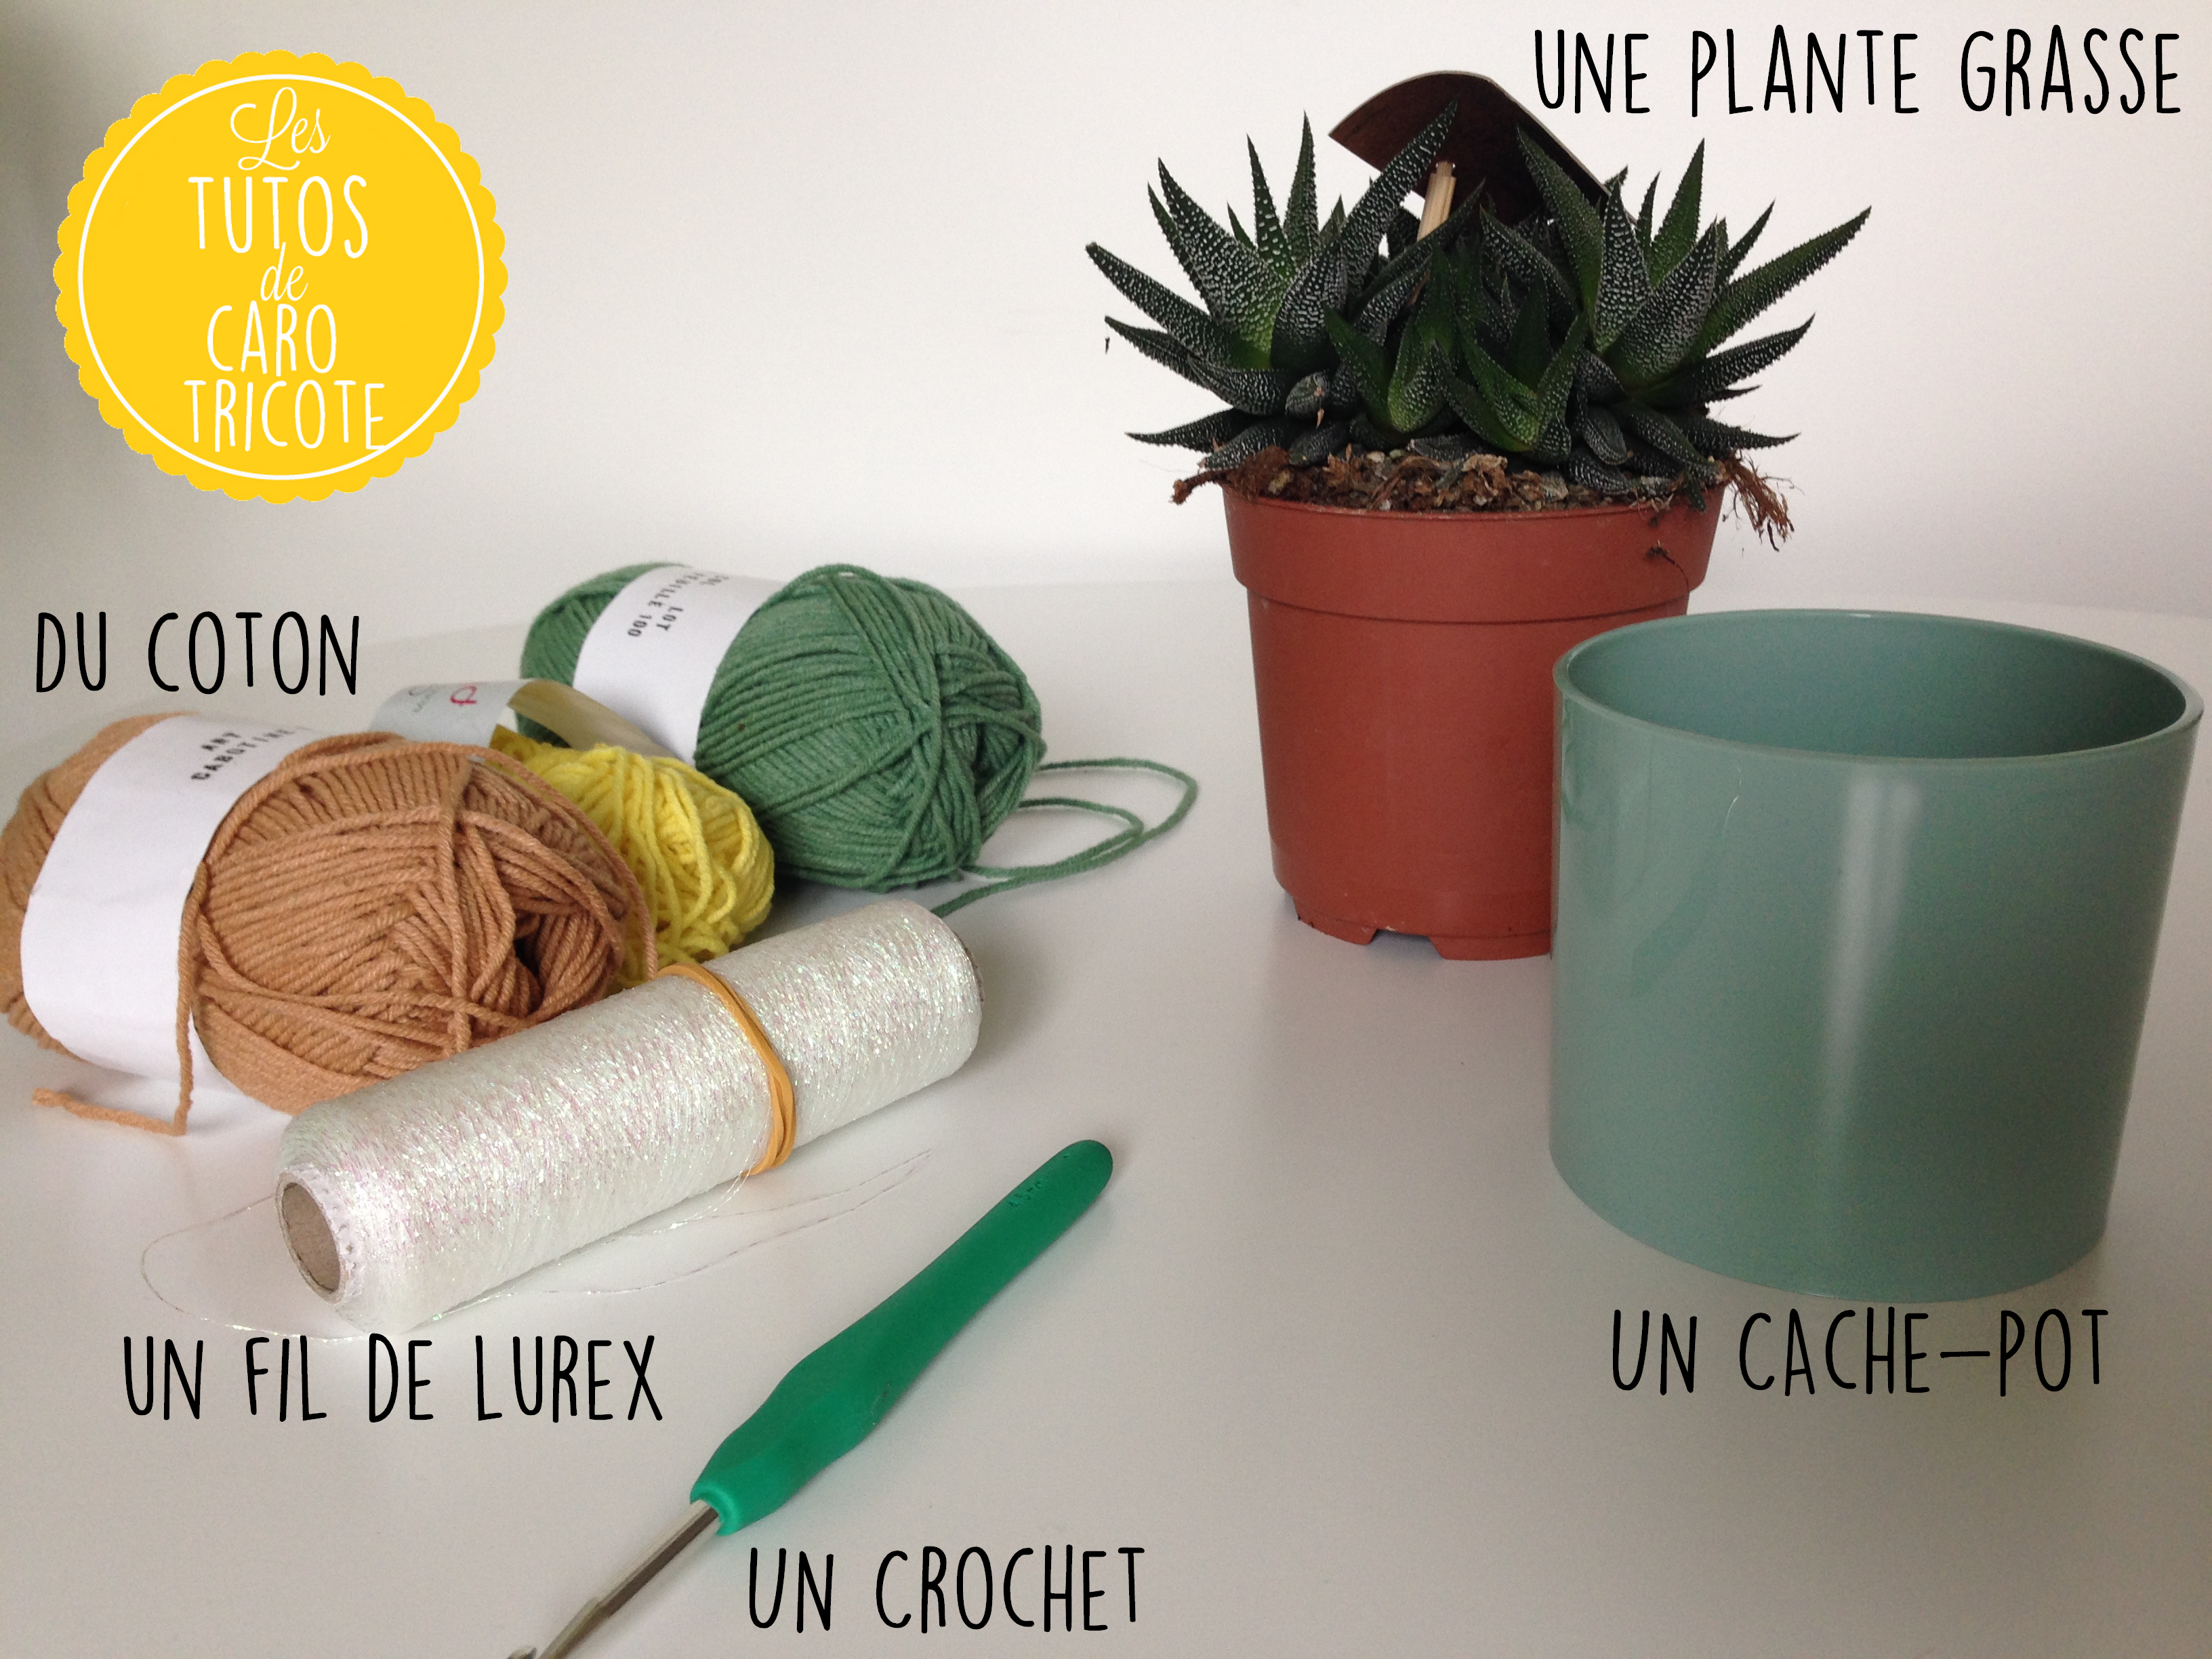 tuto un cache pot au crochet en forme d ananas pour plante grasse le blog de caro tricote. Black Bedroom Furniture Sets. Home Design Ideas